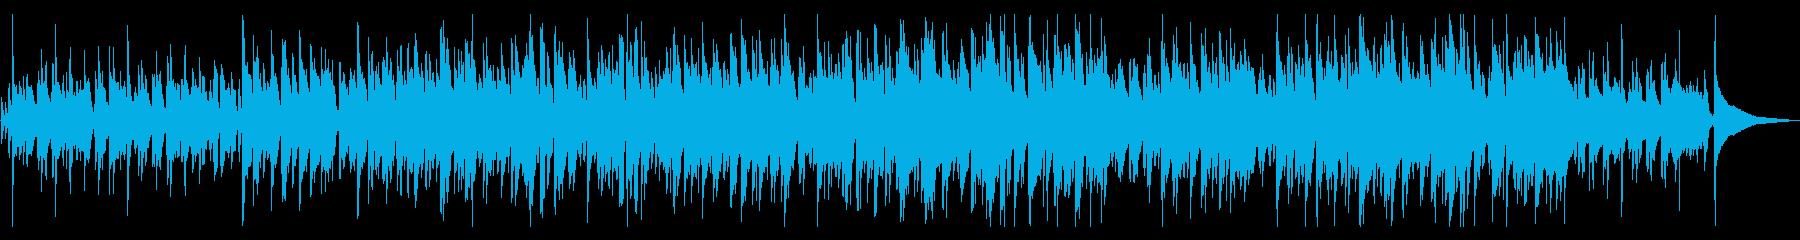 おしゃれなカフェサウンドの再生済みの波形